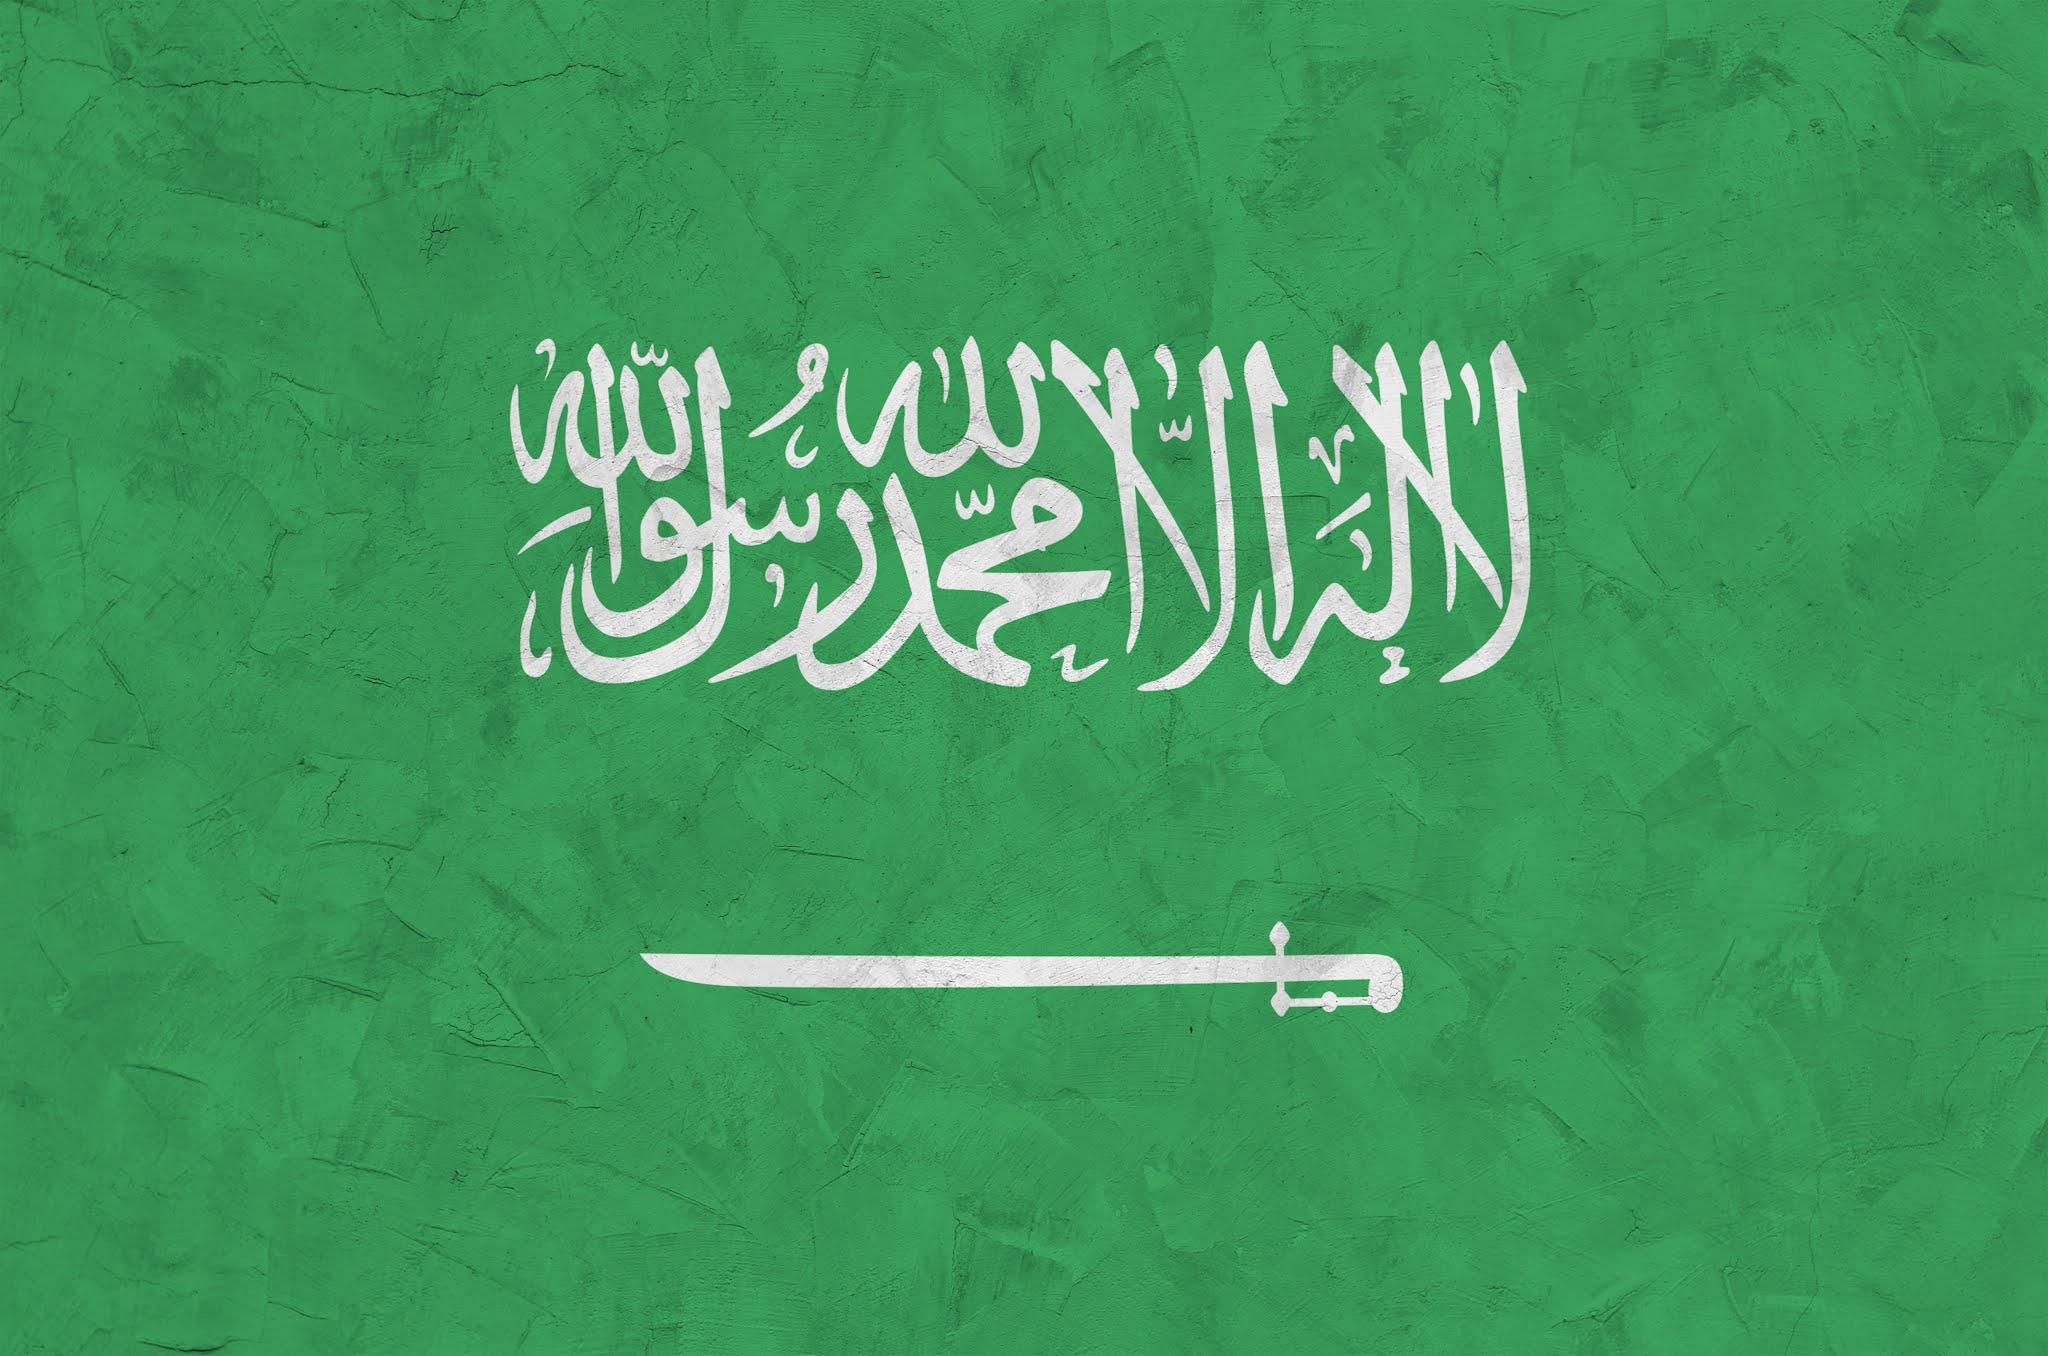 المملكة العربية السعودية Saudi تشتري نادي نيوكاسل رسميًا